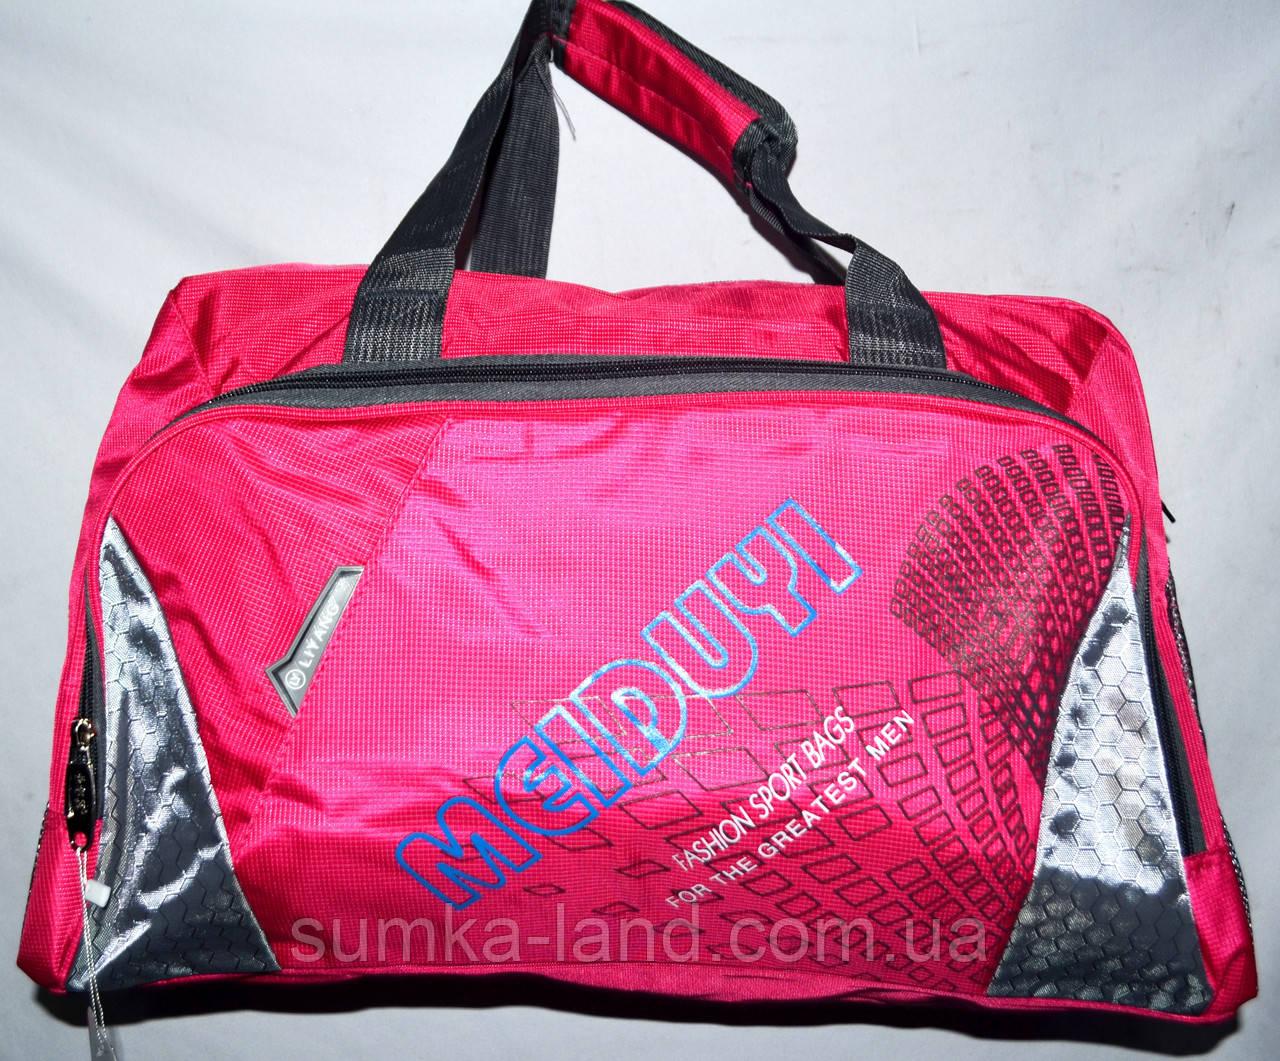 2ae68f1b3d73 Универсальная спортивная дорожная сумка в розовом цвете 48*30 см ...